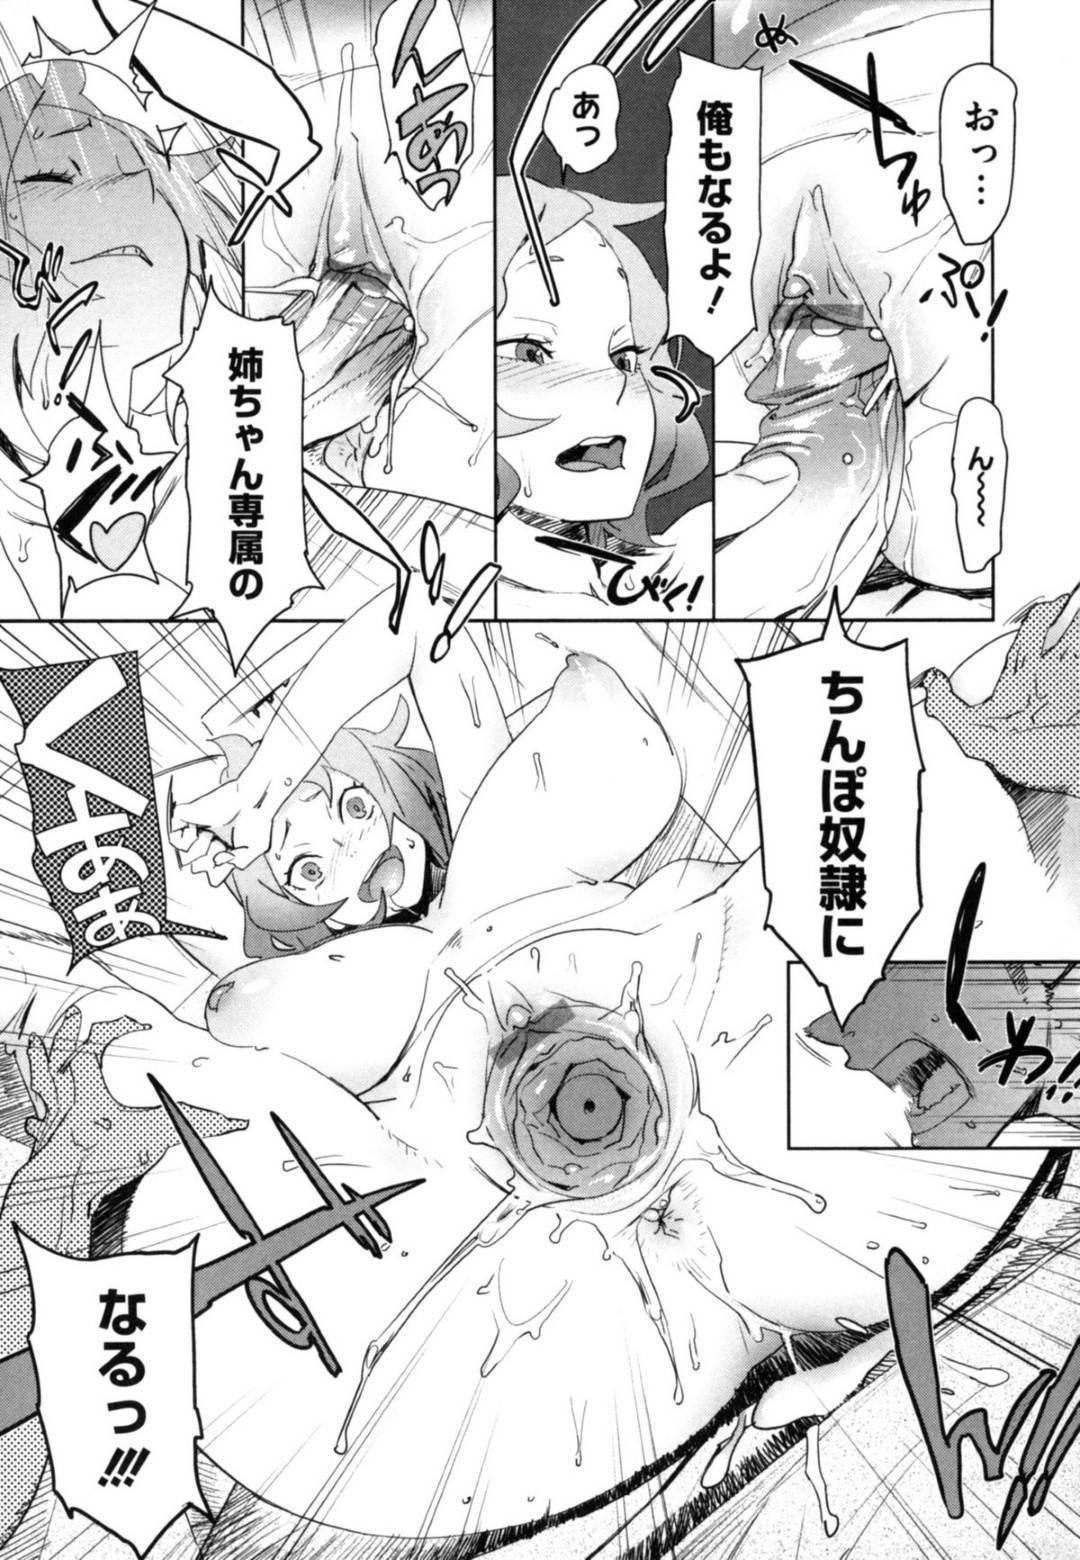 【エロ漫画】同居するようになった義弟に欲情してしまった義姉…我慢できない彼女は彼を誘惑して両親がいない間にセックスしてしまう!